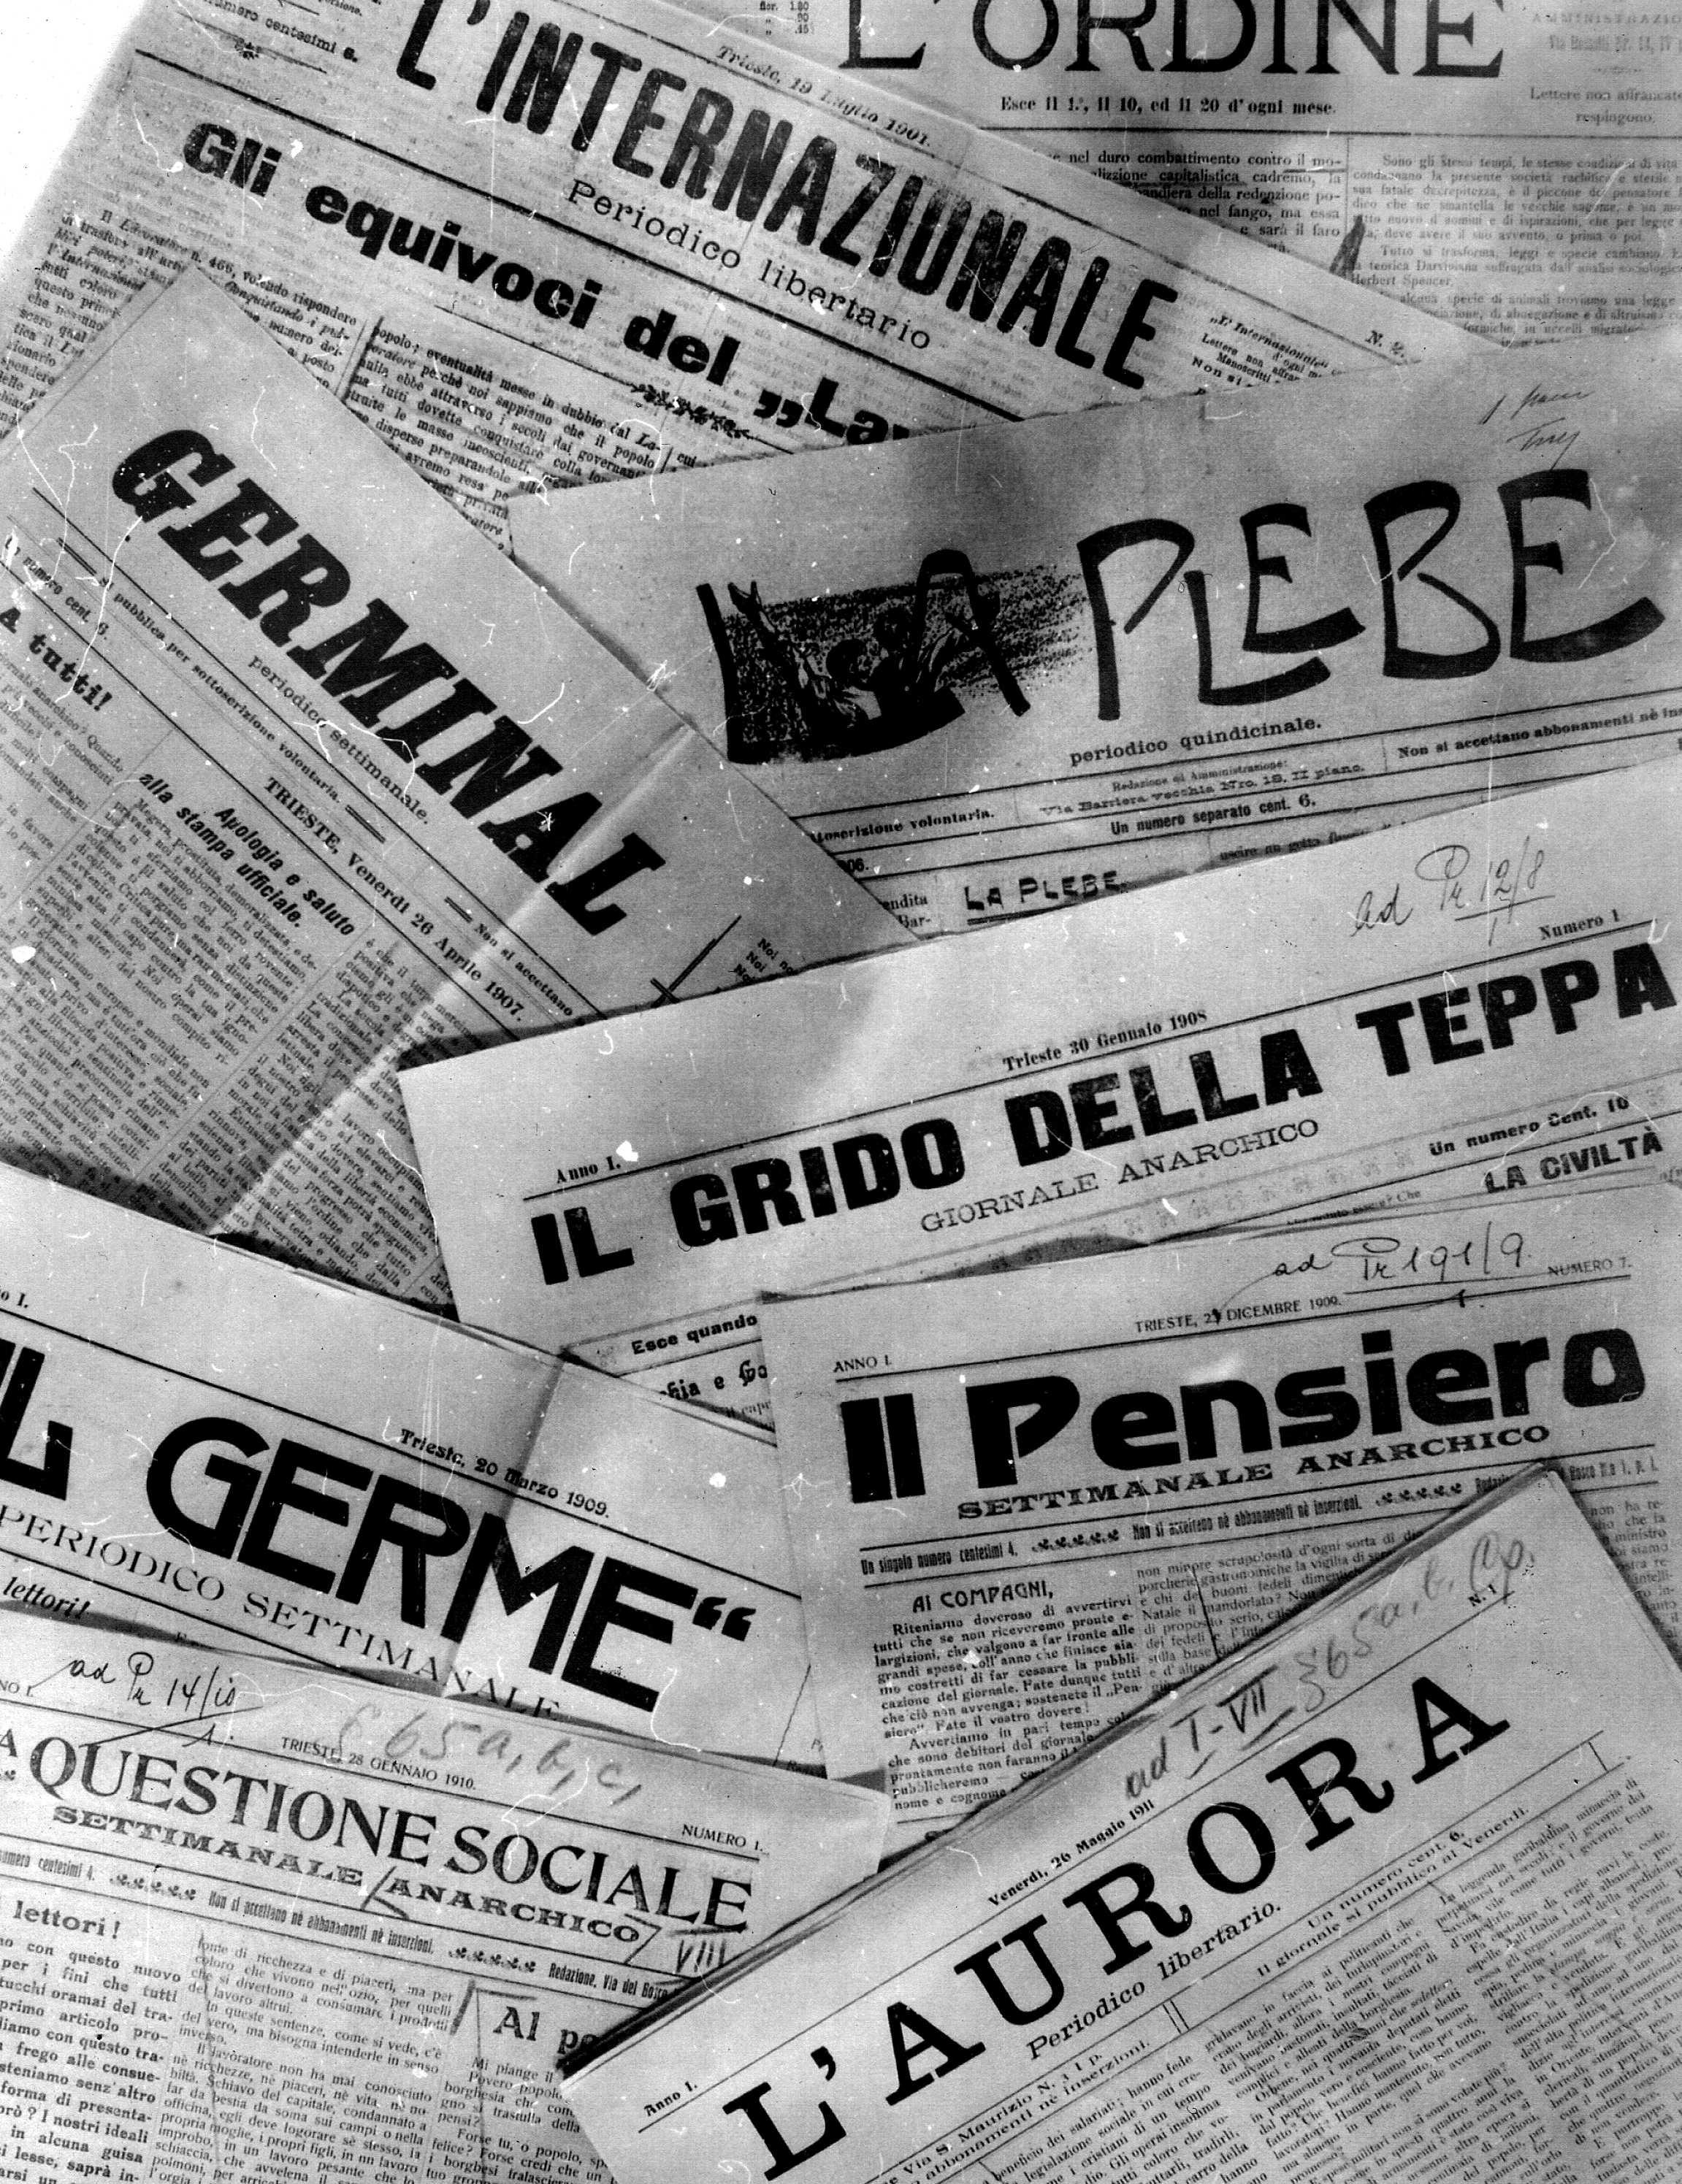 Premsa anarquista italiana